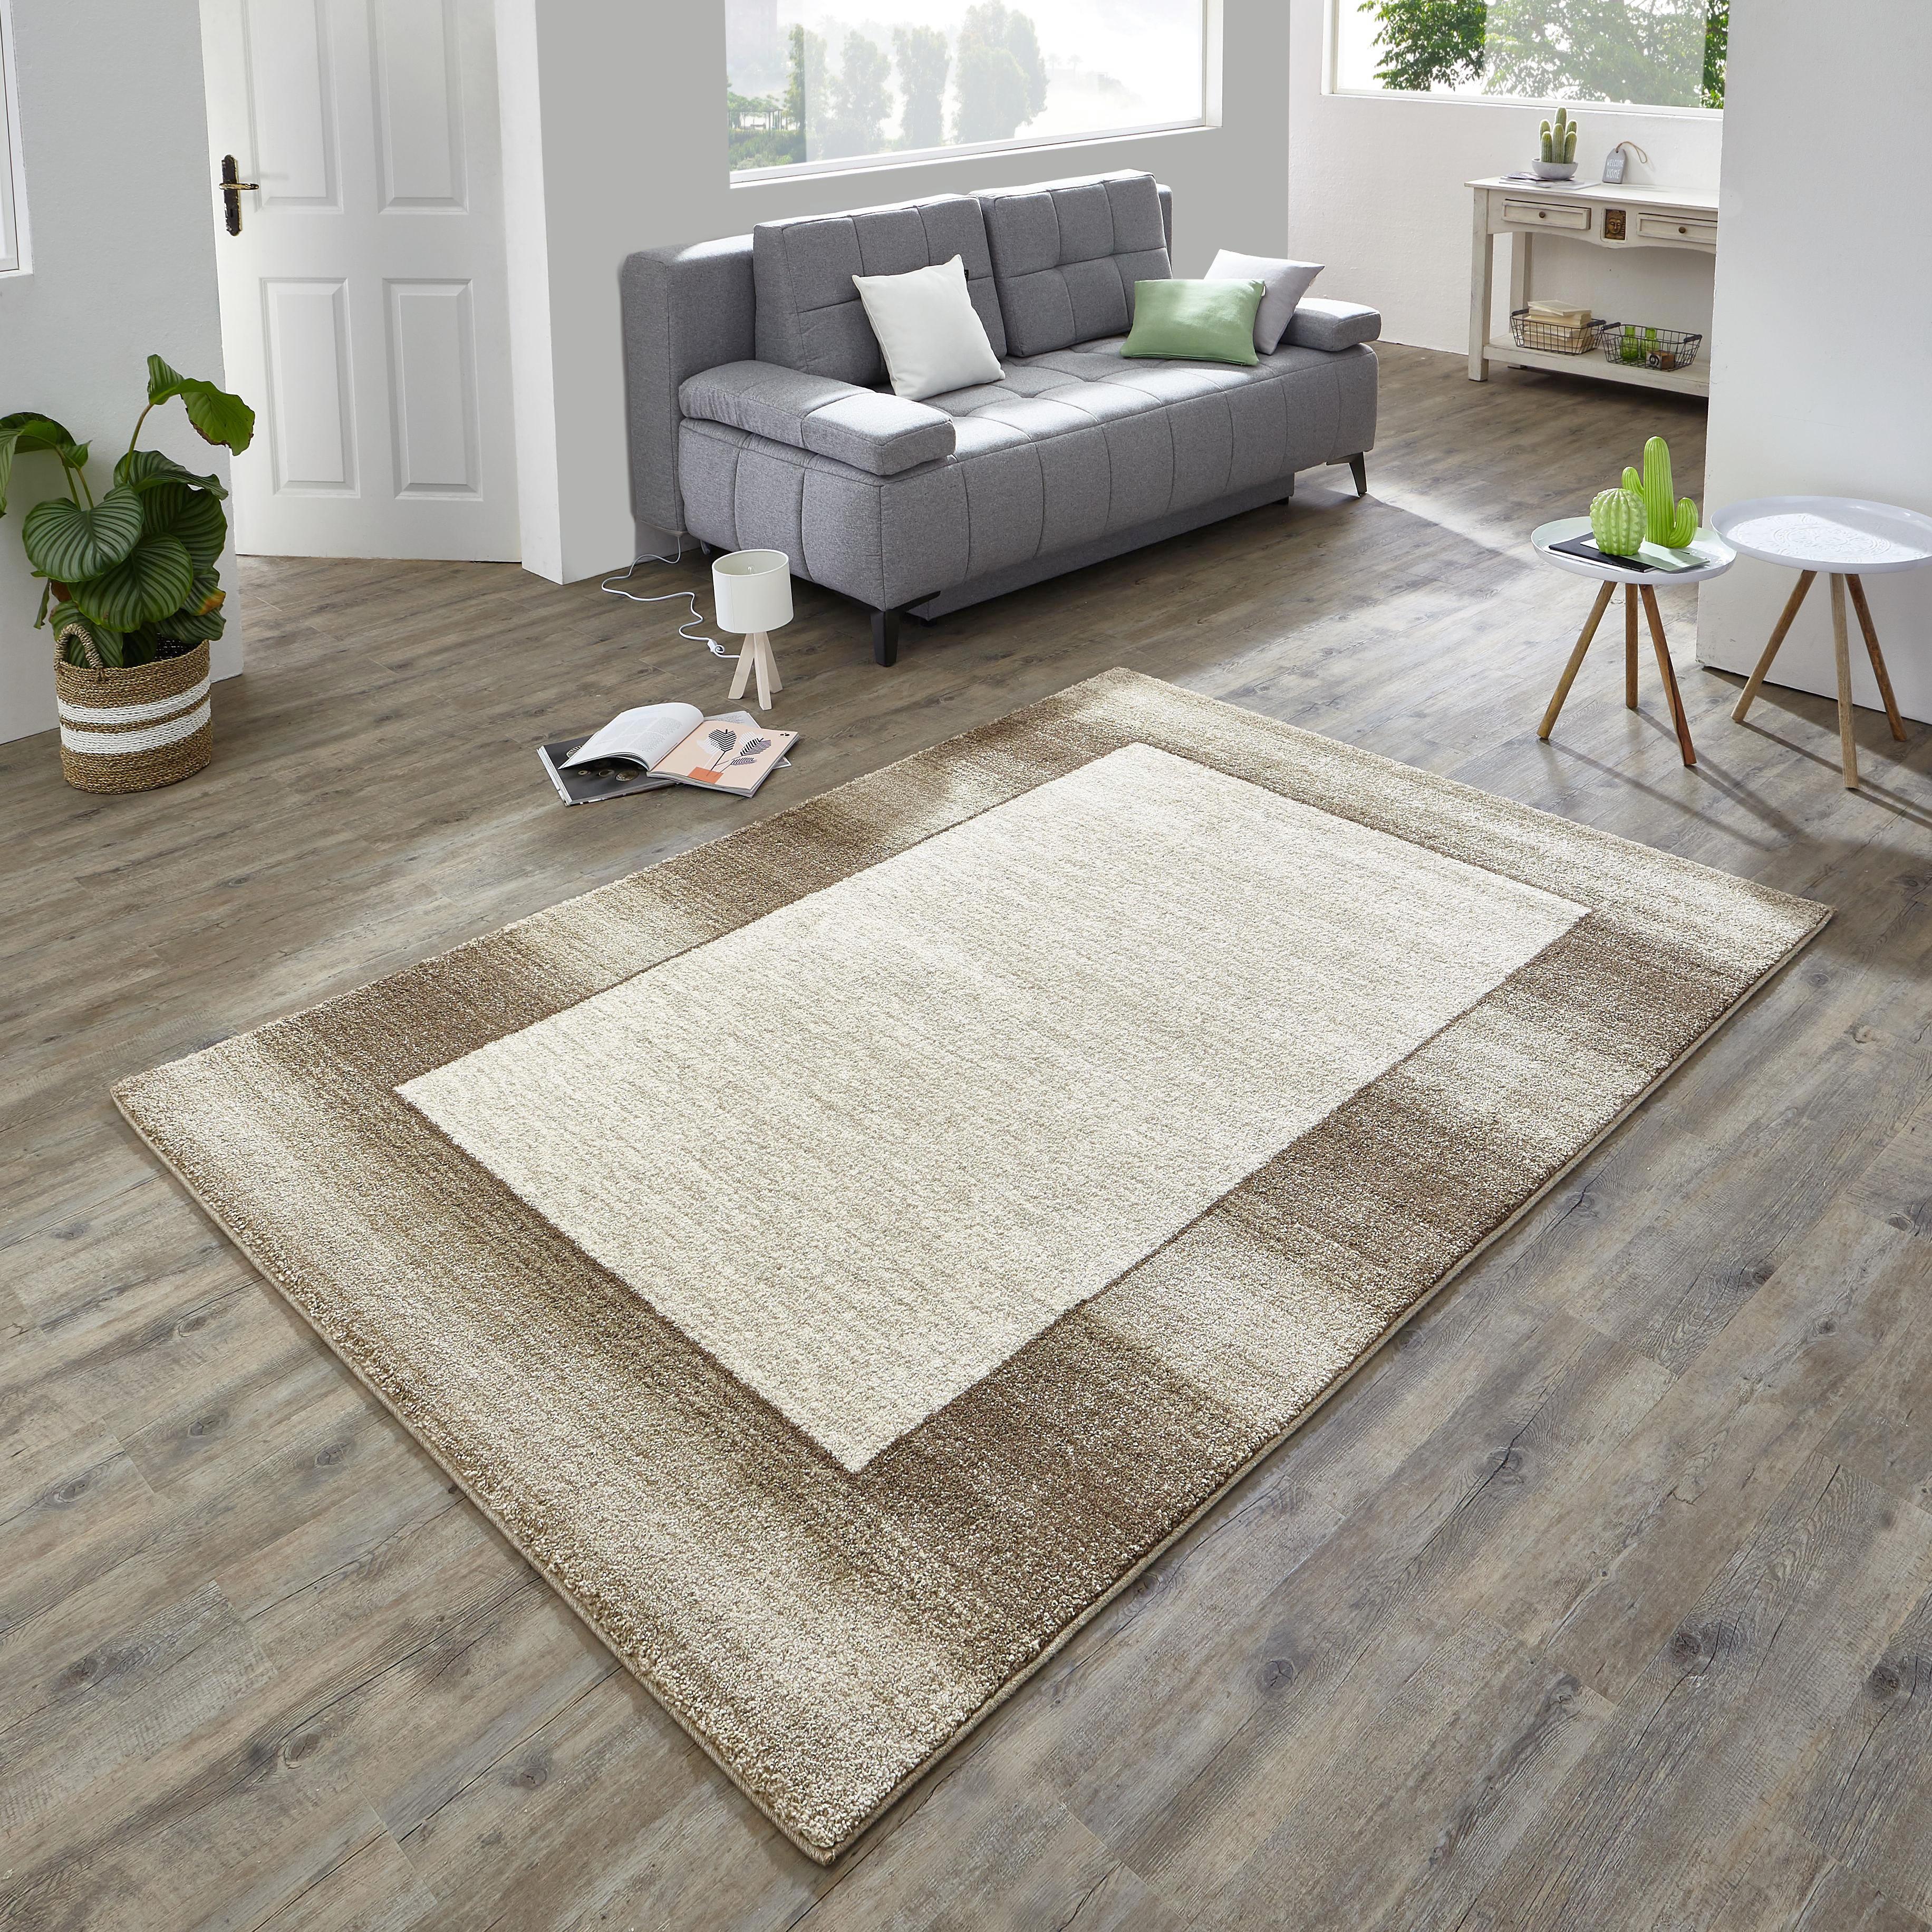 WEBTEPPICH  Beige, Braun  140/200 cm - Beige/Braun, Basics, Textil (140/200cm) - NOVEL